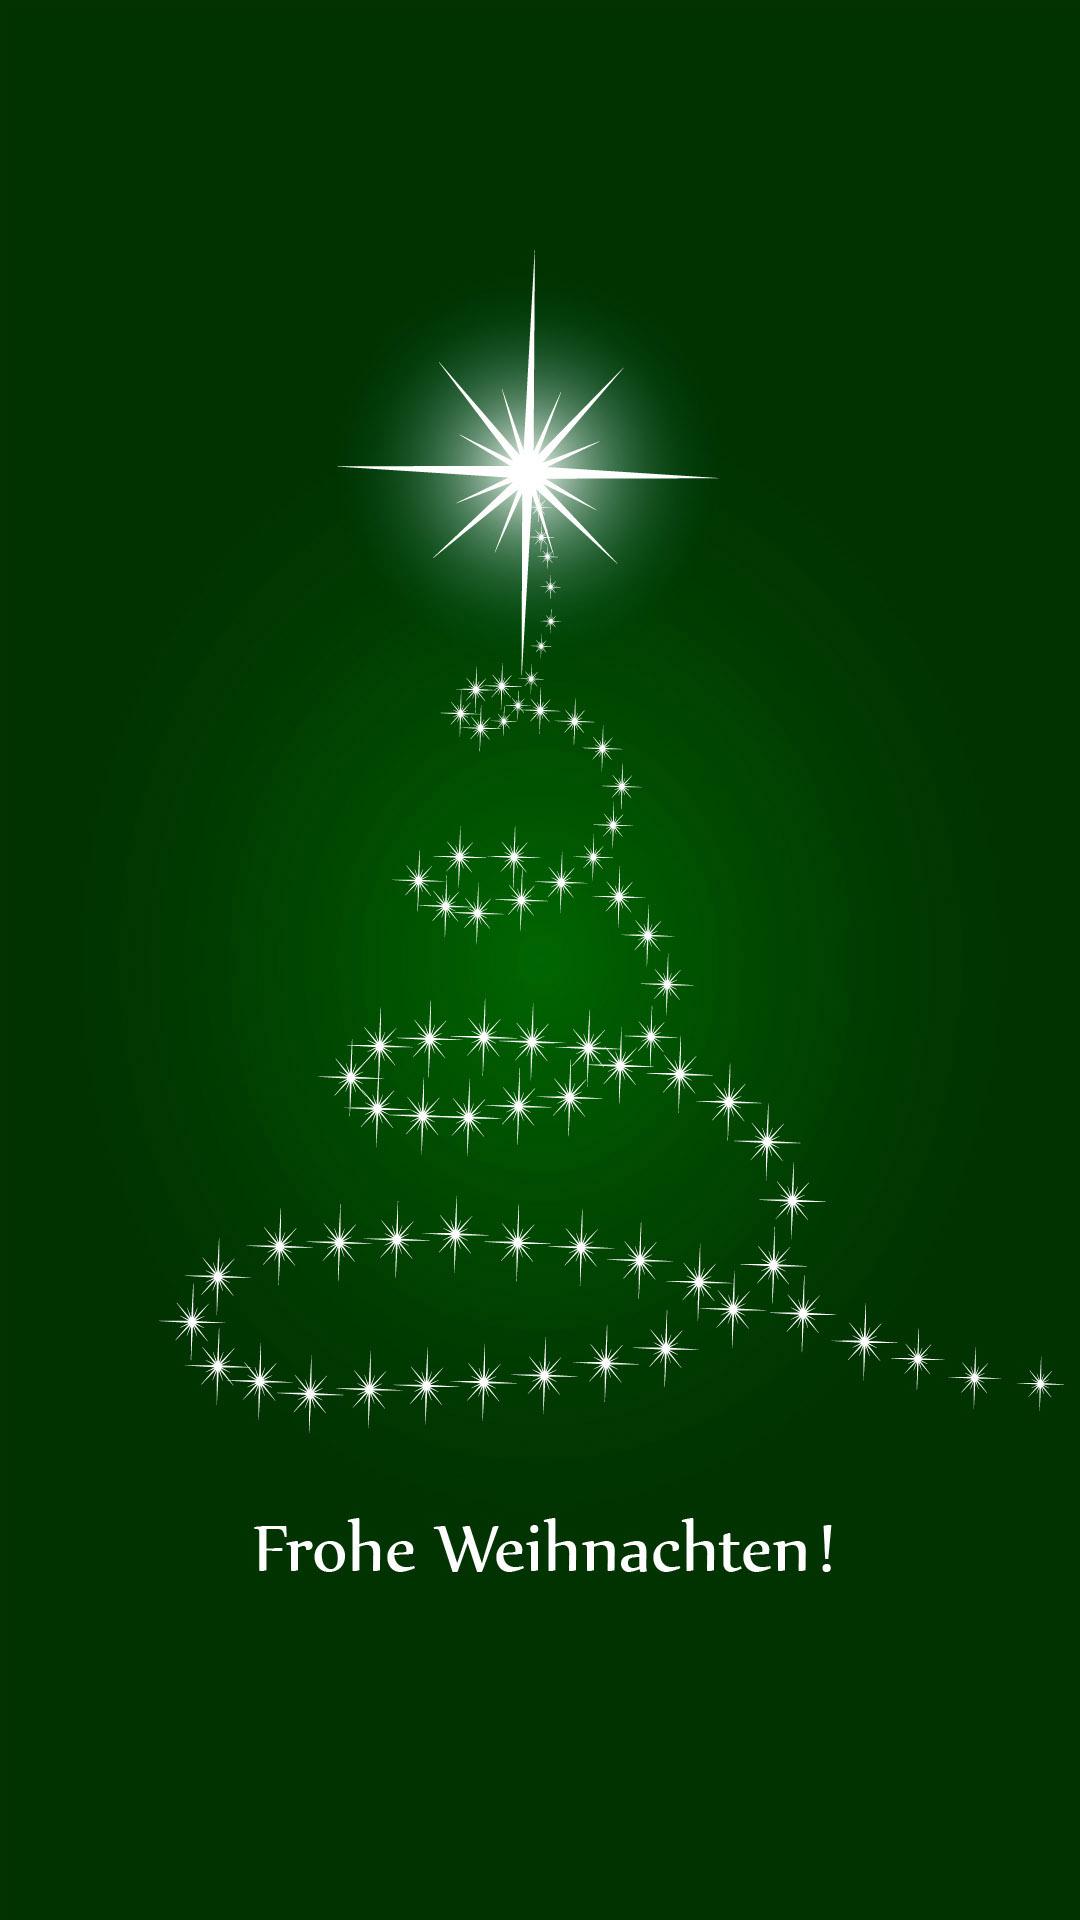 frohe weihnachten kostenlos downloaden